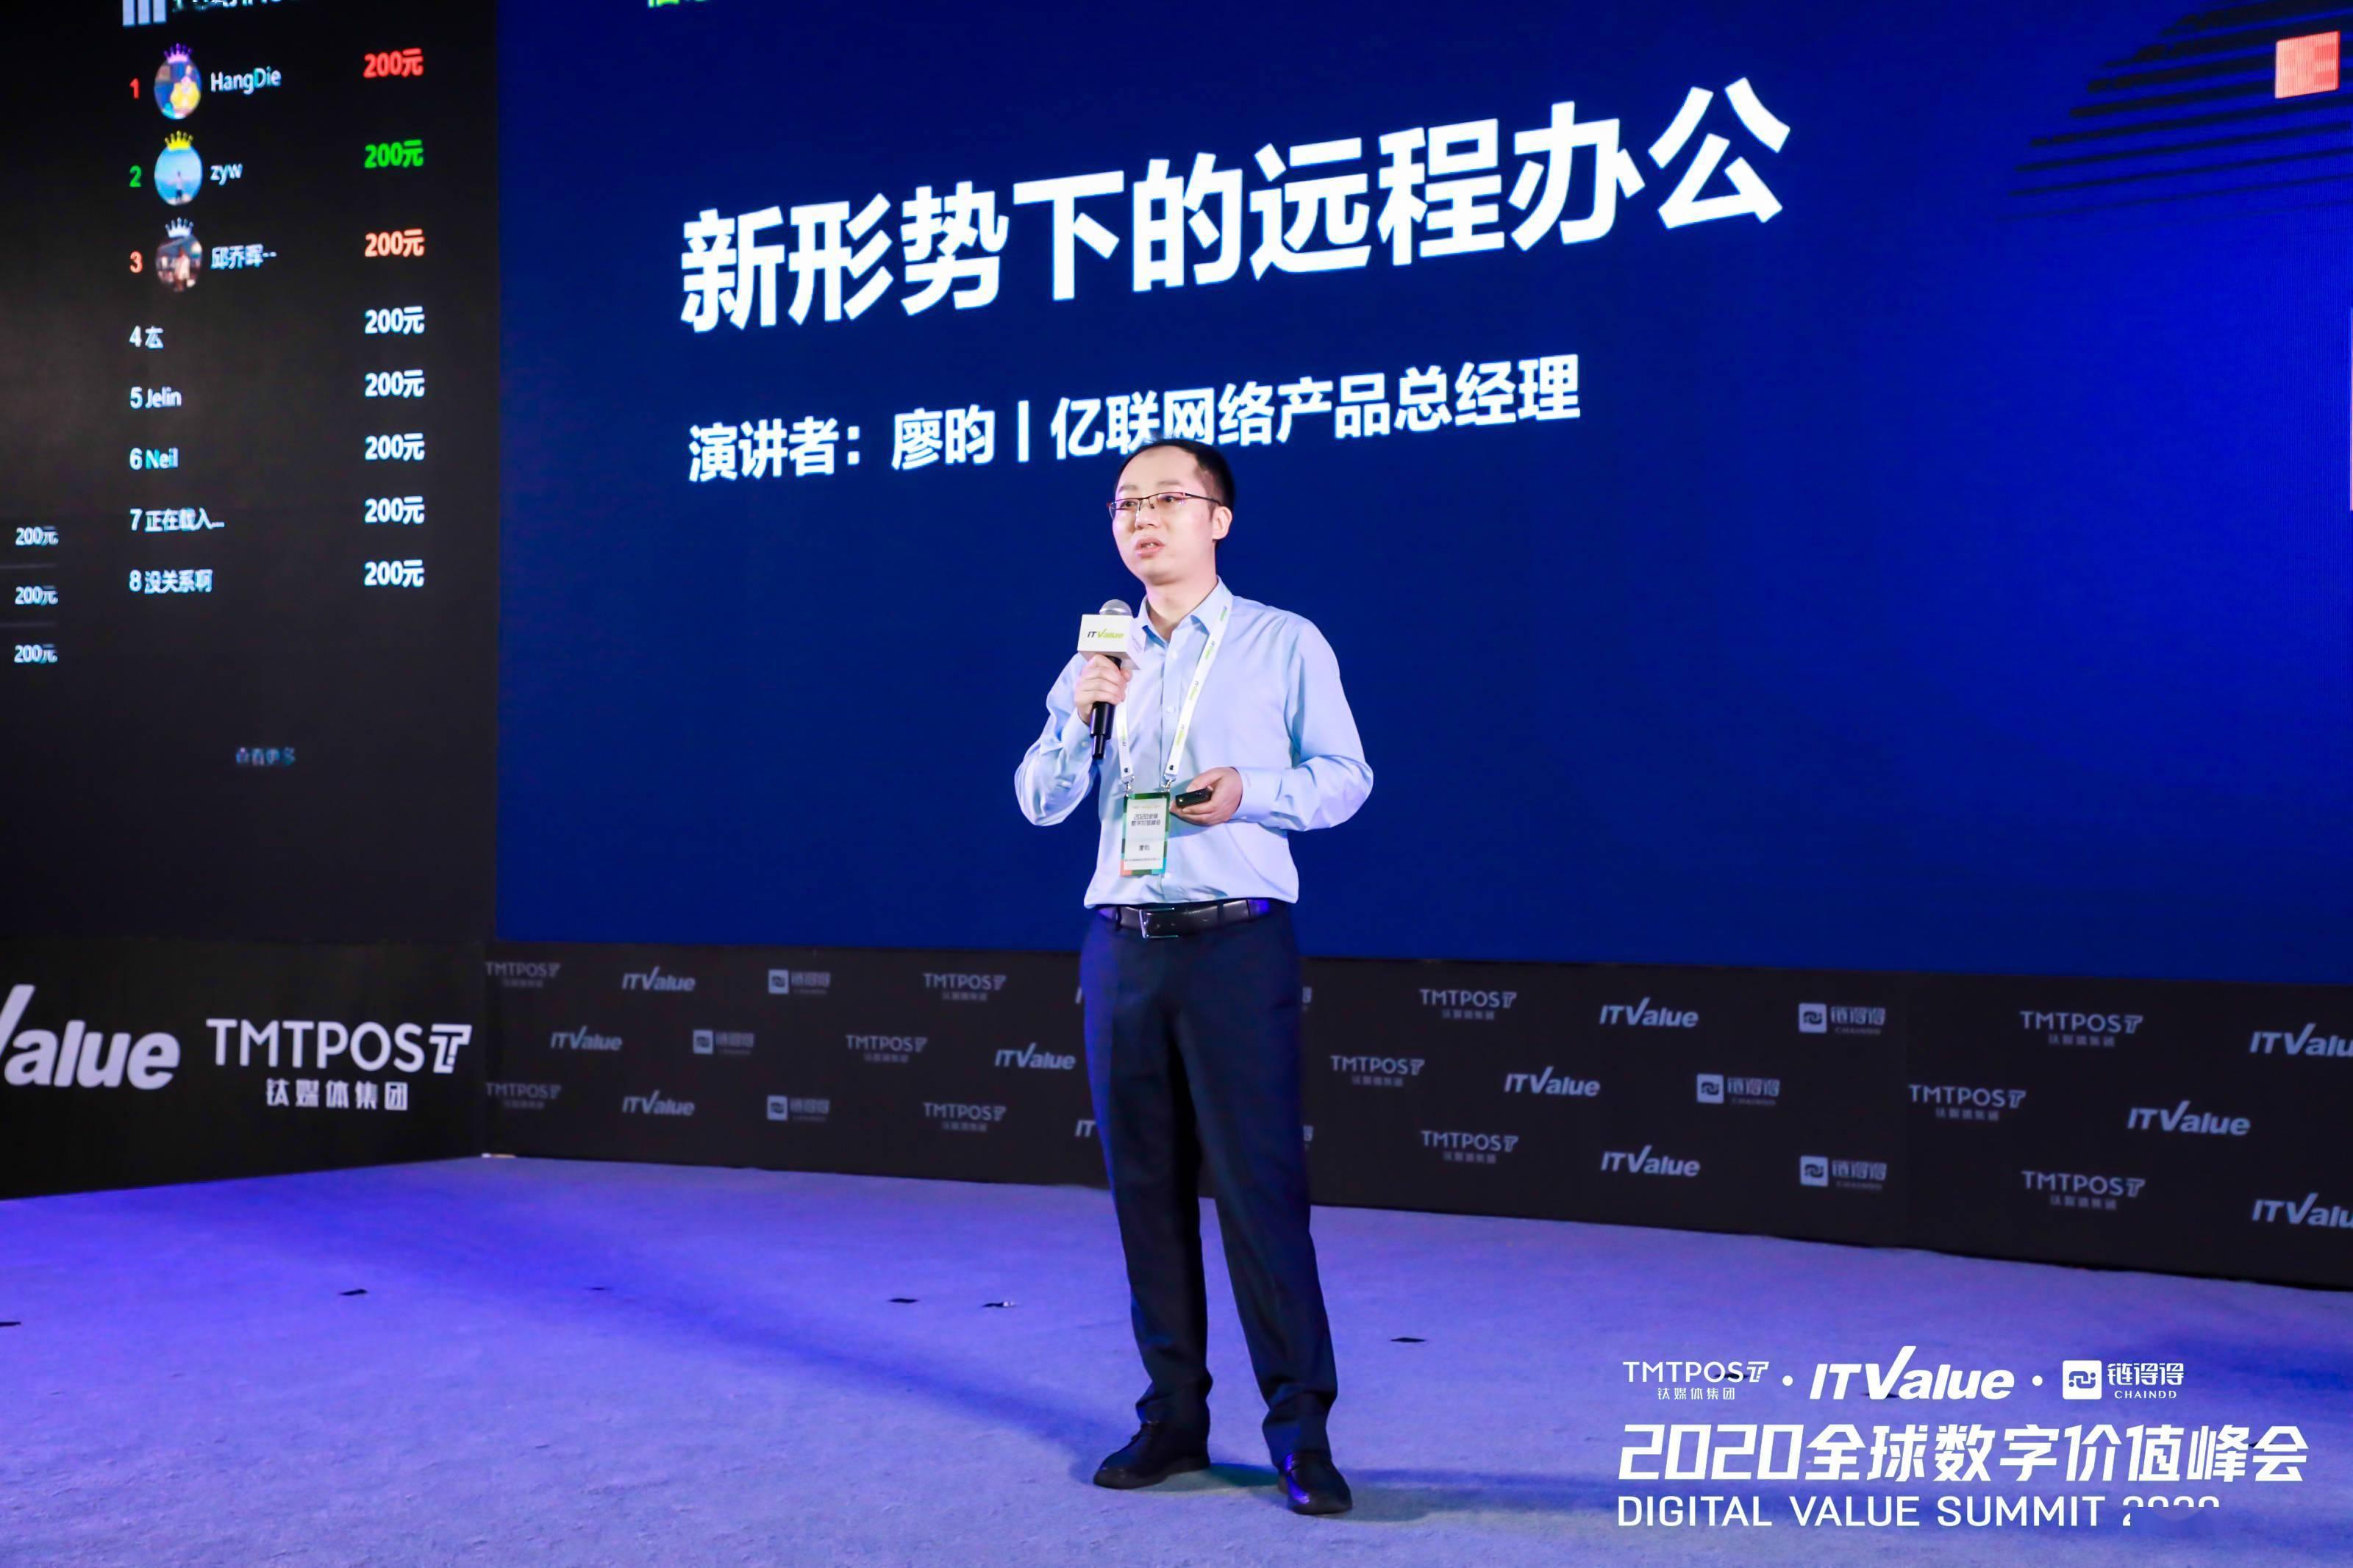 亿联网络廖昀:新形势下,融合通信重要价值超出预期|2020全球数字价值峰会